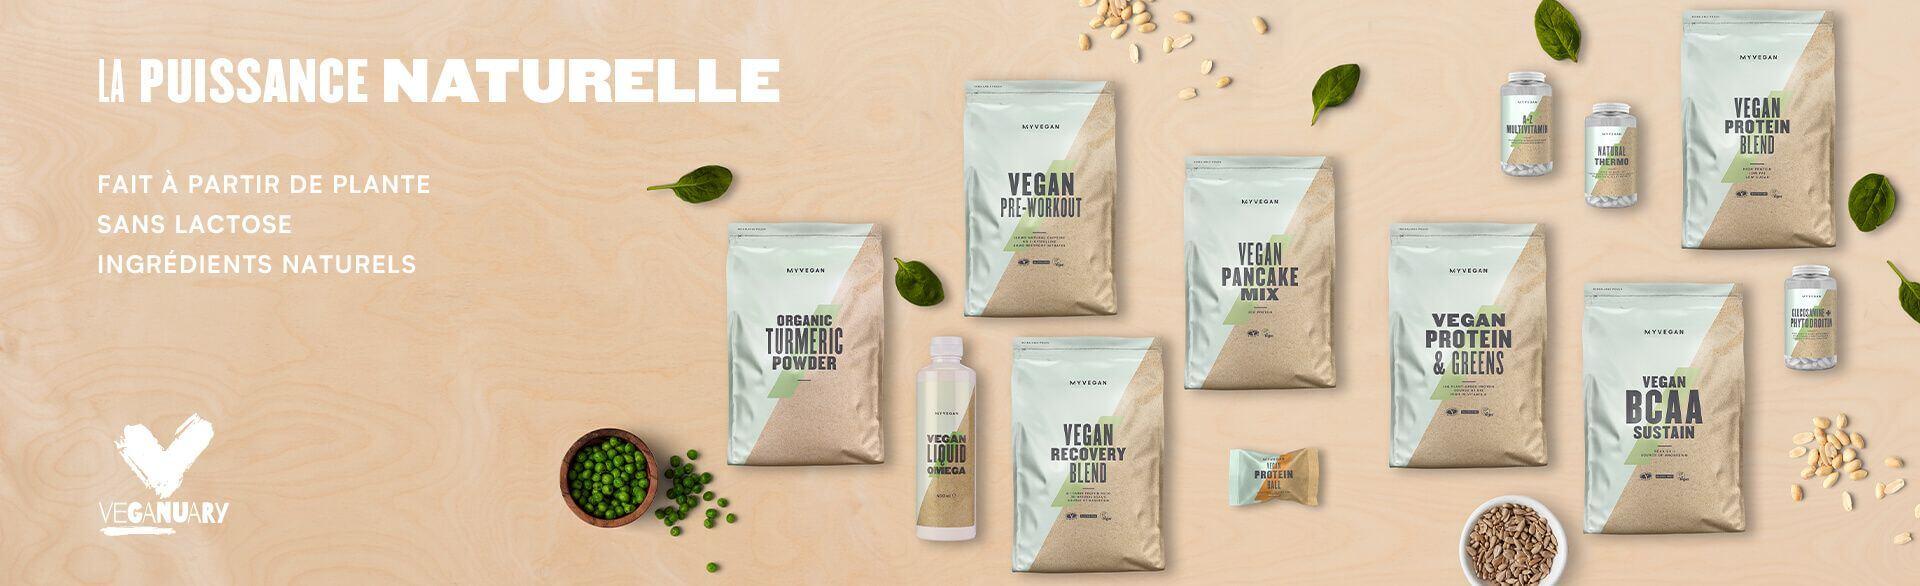 Vegan la puissance Naturelle